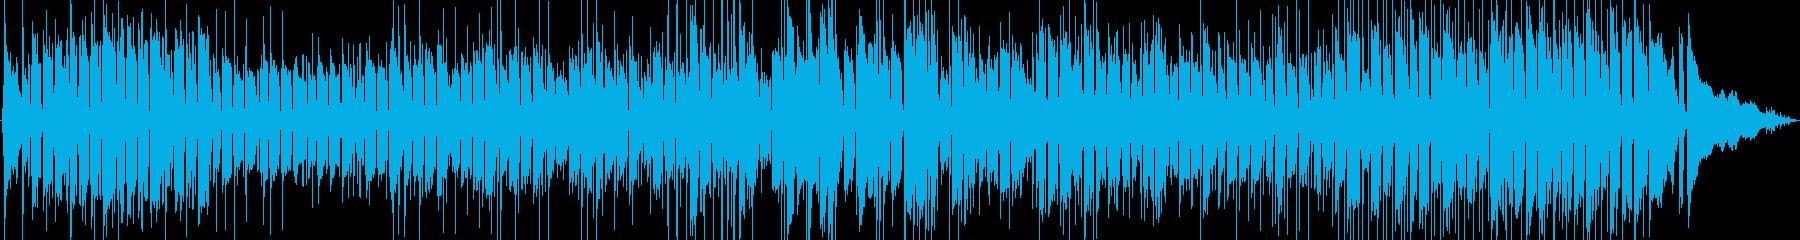 パーカッションとピアノのラテンロッ...の再生済みの波形